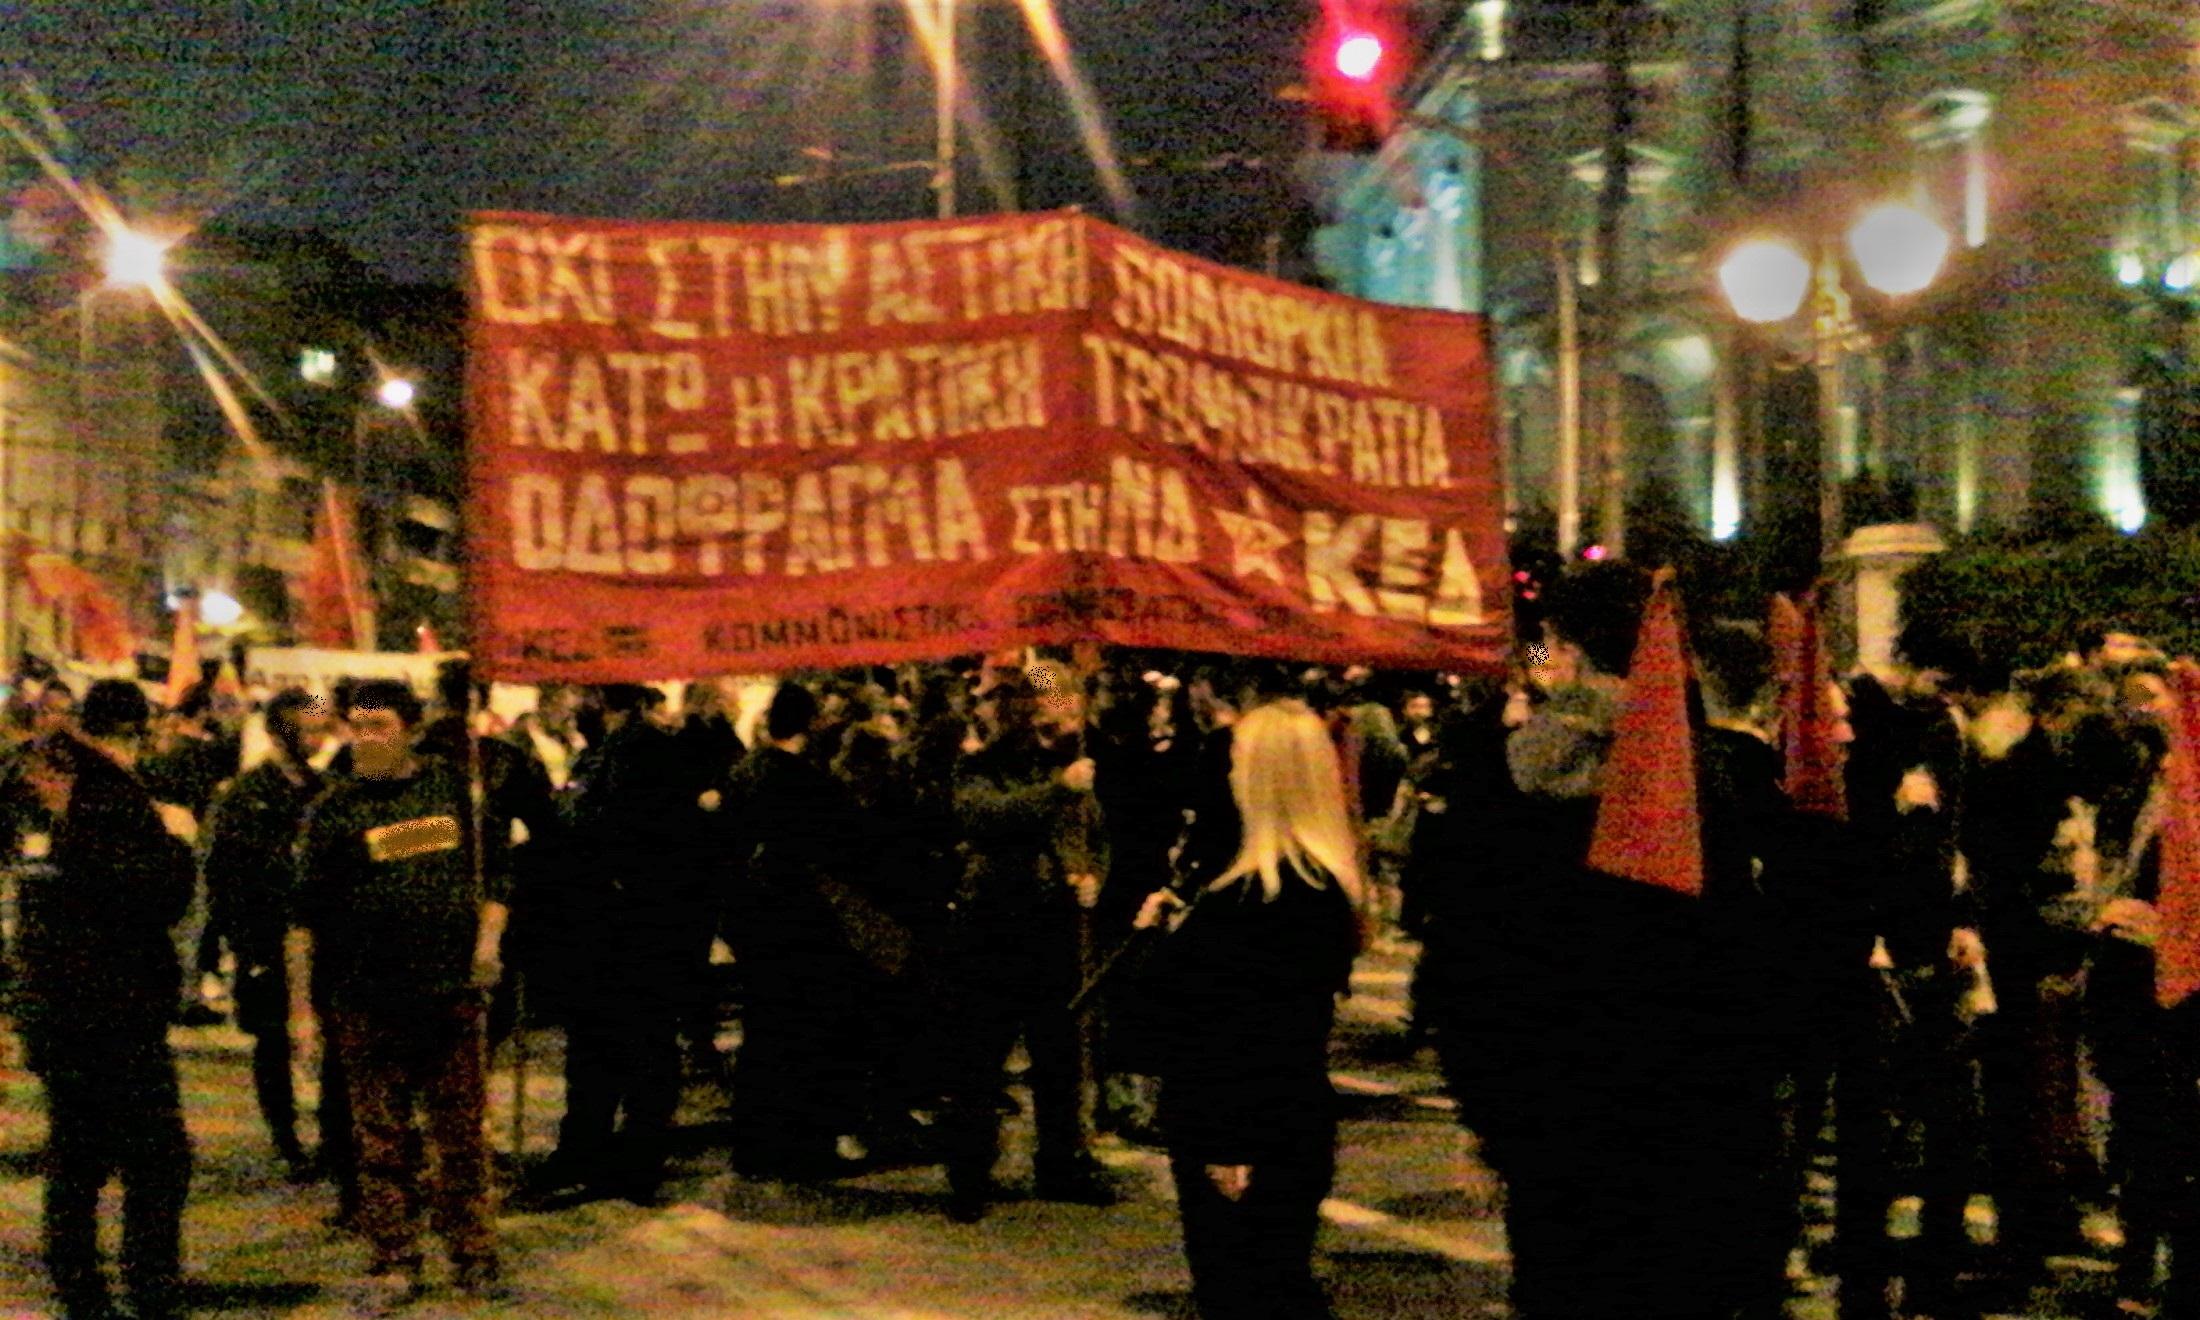 Τα τελεσίγραφα και η κρατική τρομοκρατία δεν θα περάσουν. Όλοι στις διαδηλώσεις.